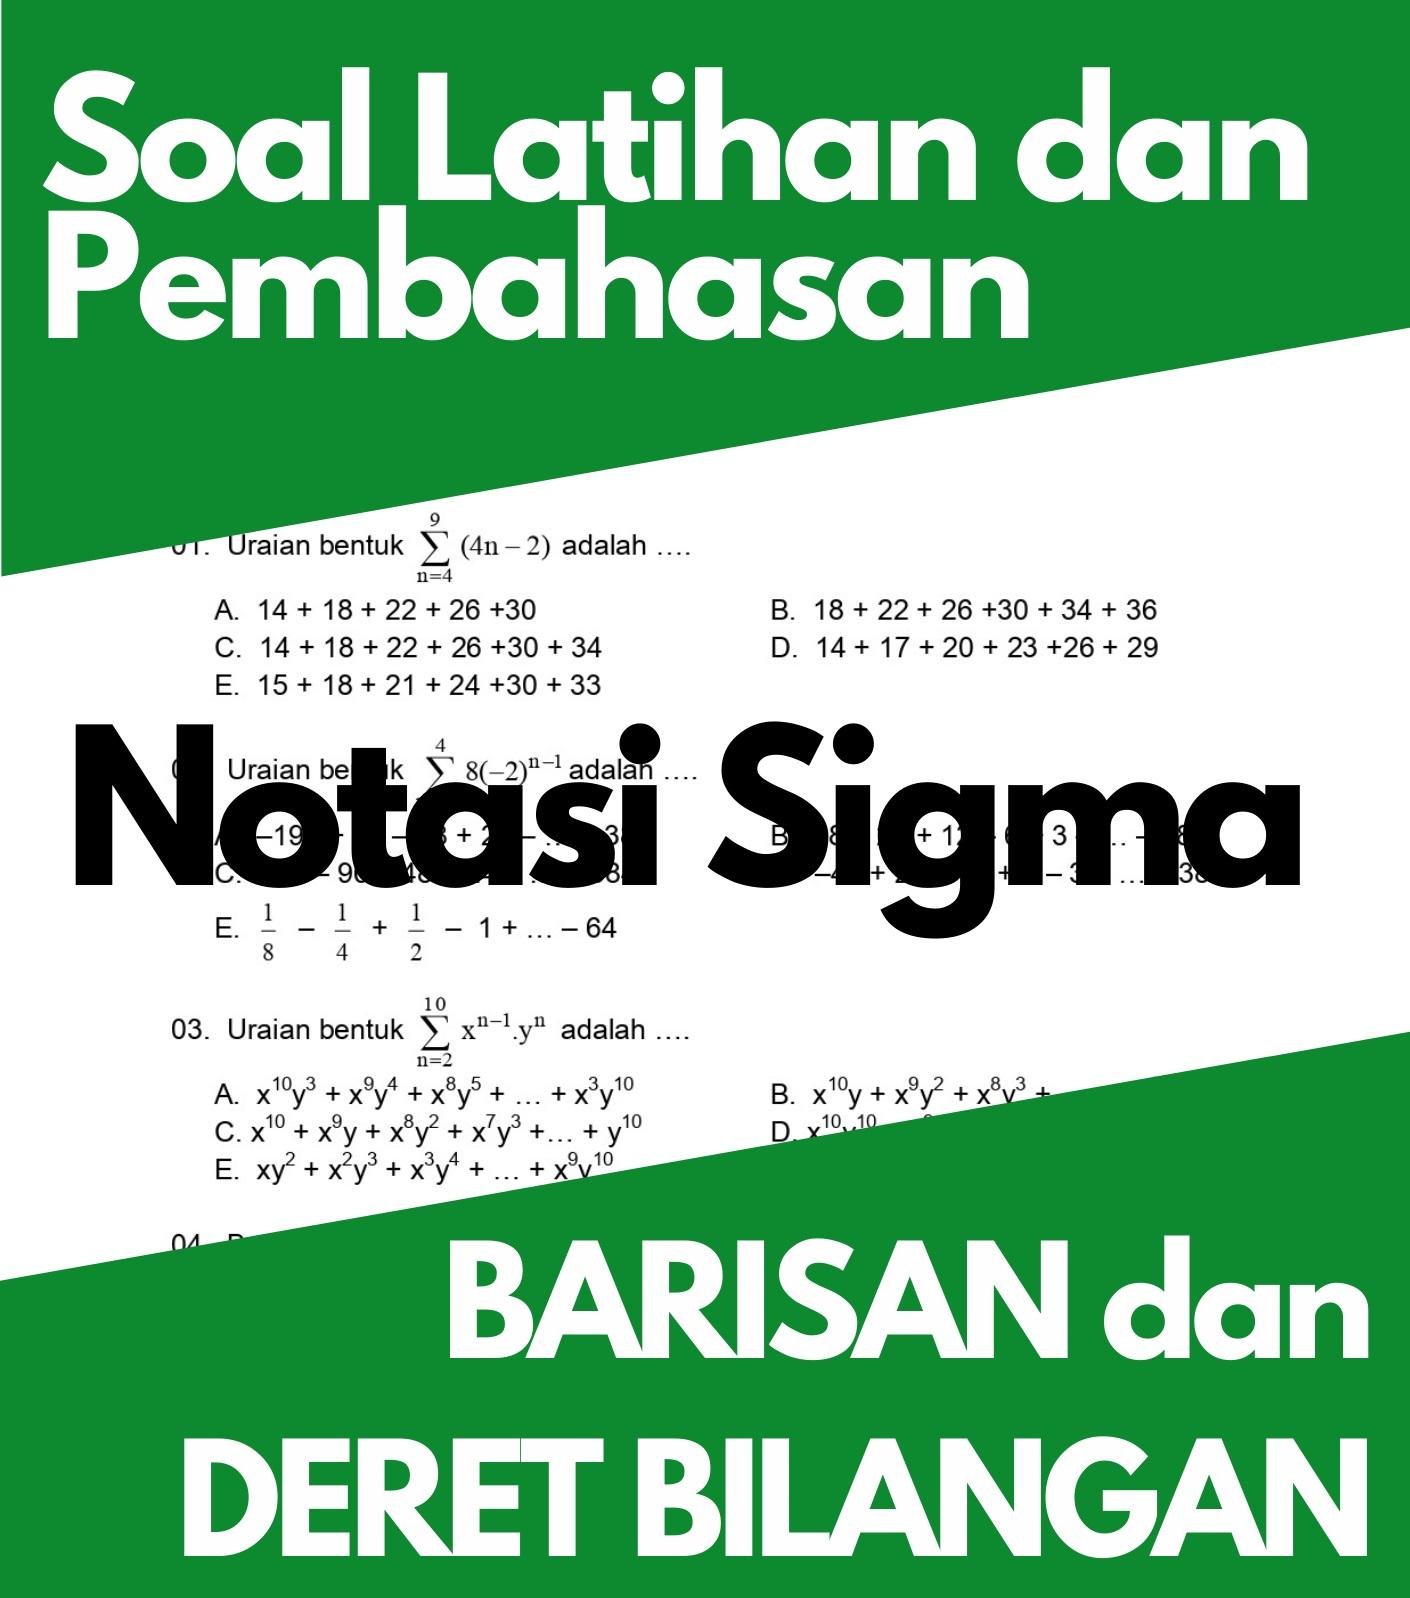 Definisi Notasi Sigma, Sifat-Sifat, Contoh Soal dan Pembahasan Soal Latihan